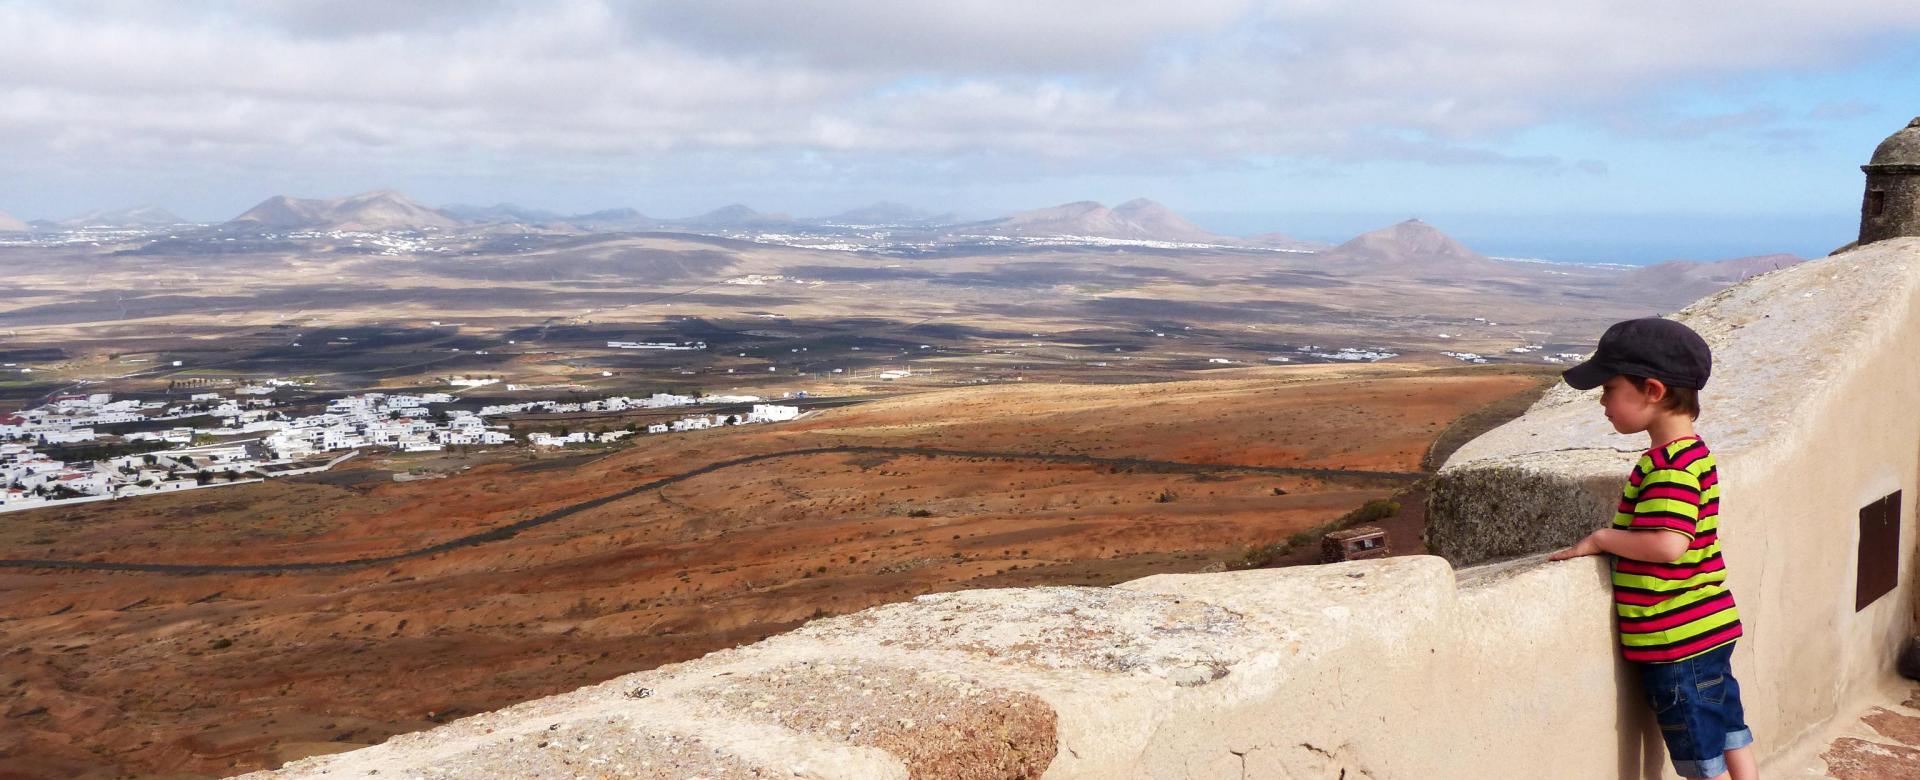 Voyage à pied Espagne : L'aventure volcanique